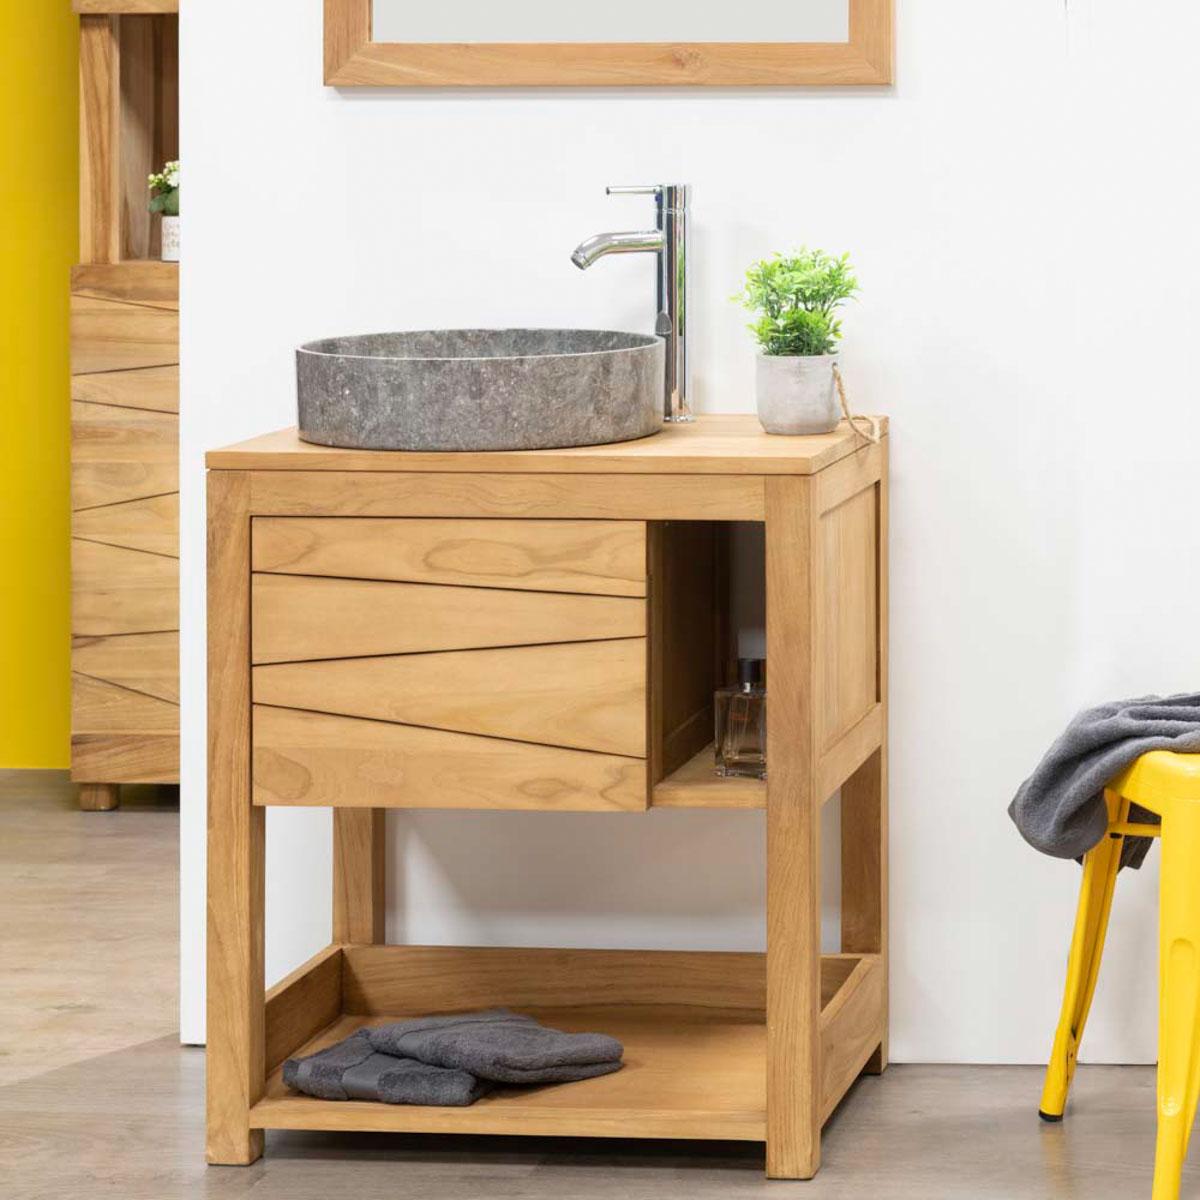 Mueble para lavabo simple de madera teca maciza cosy for Muebles de lavabo de 70 cm